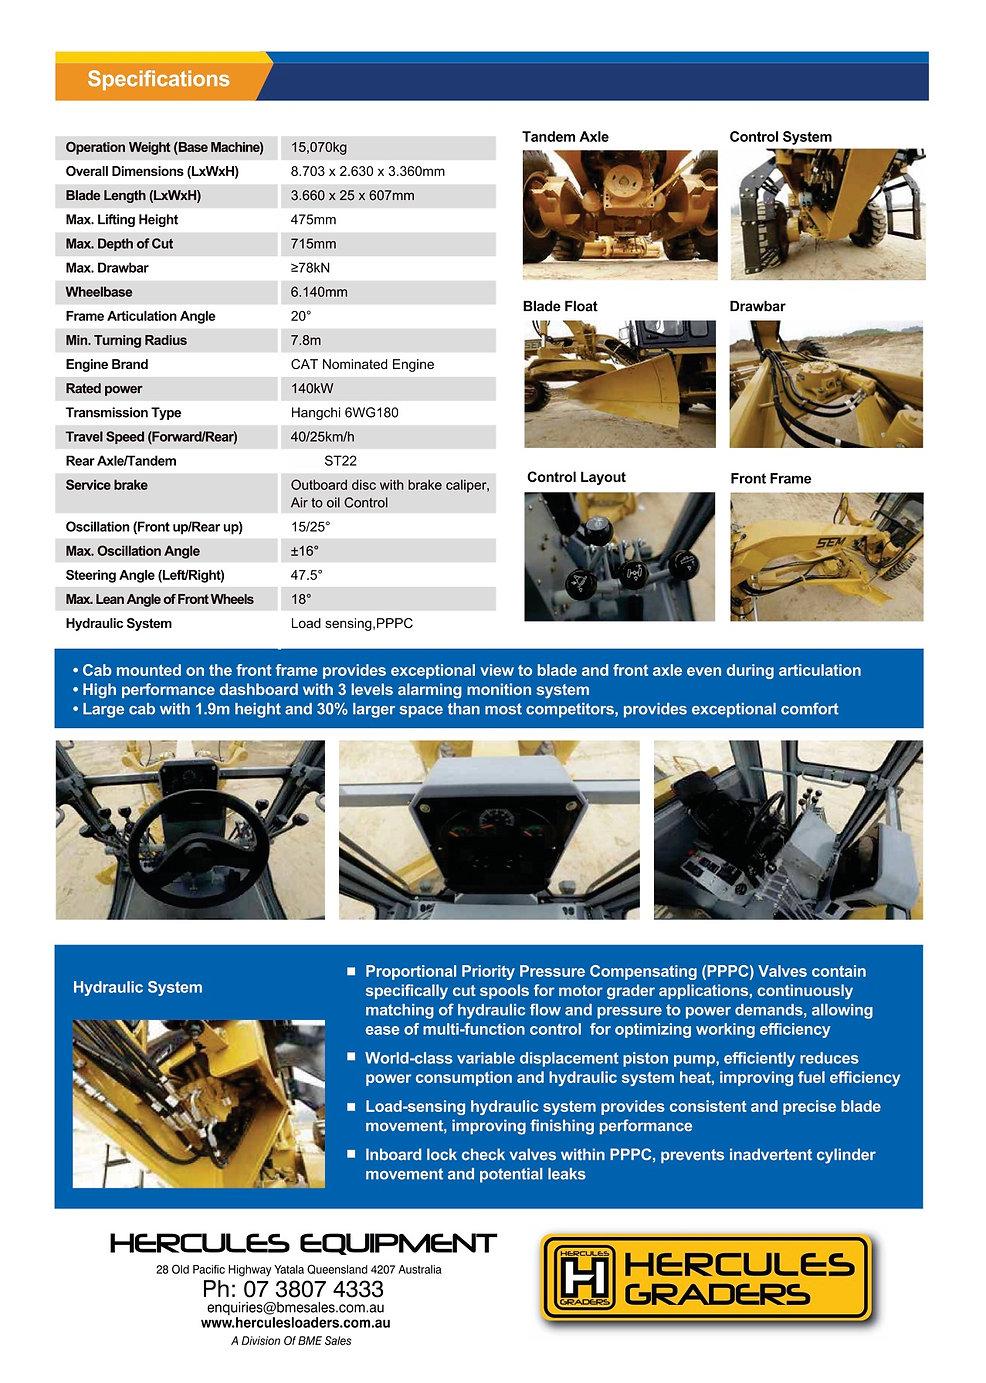 hercules hg120 brochure page two.jpg